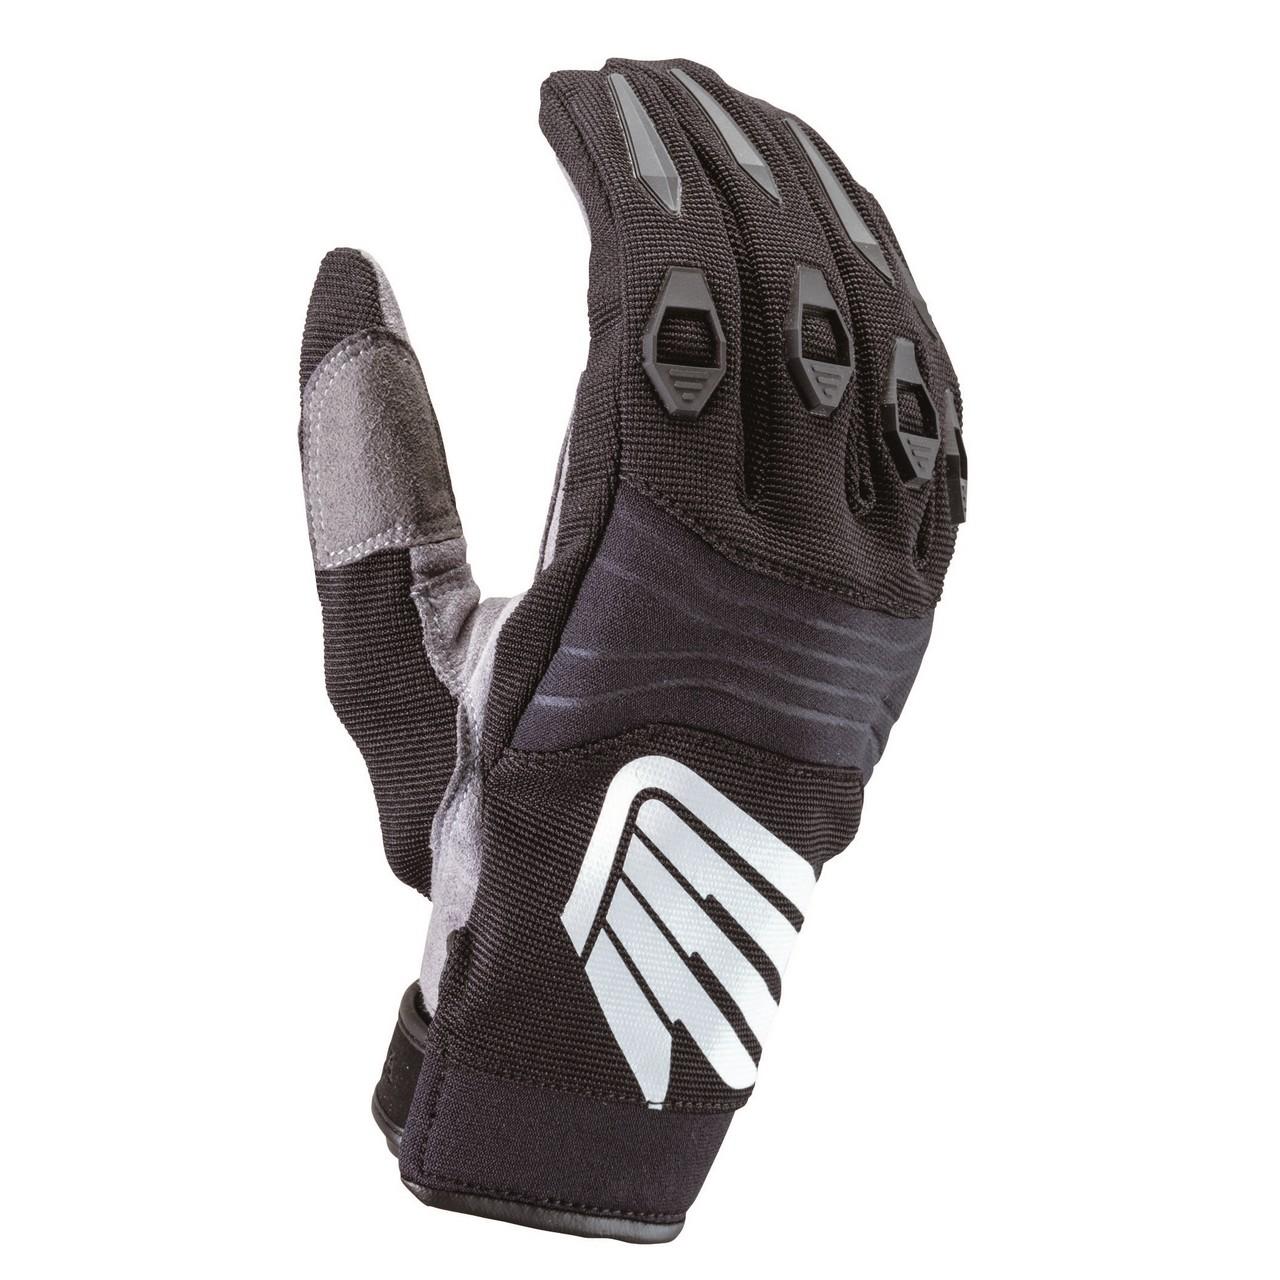 MX Gloves